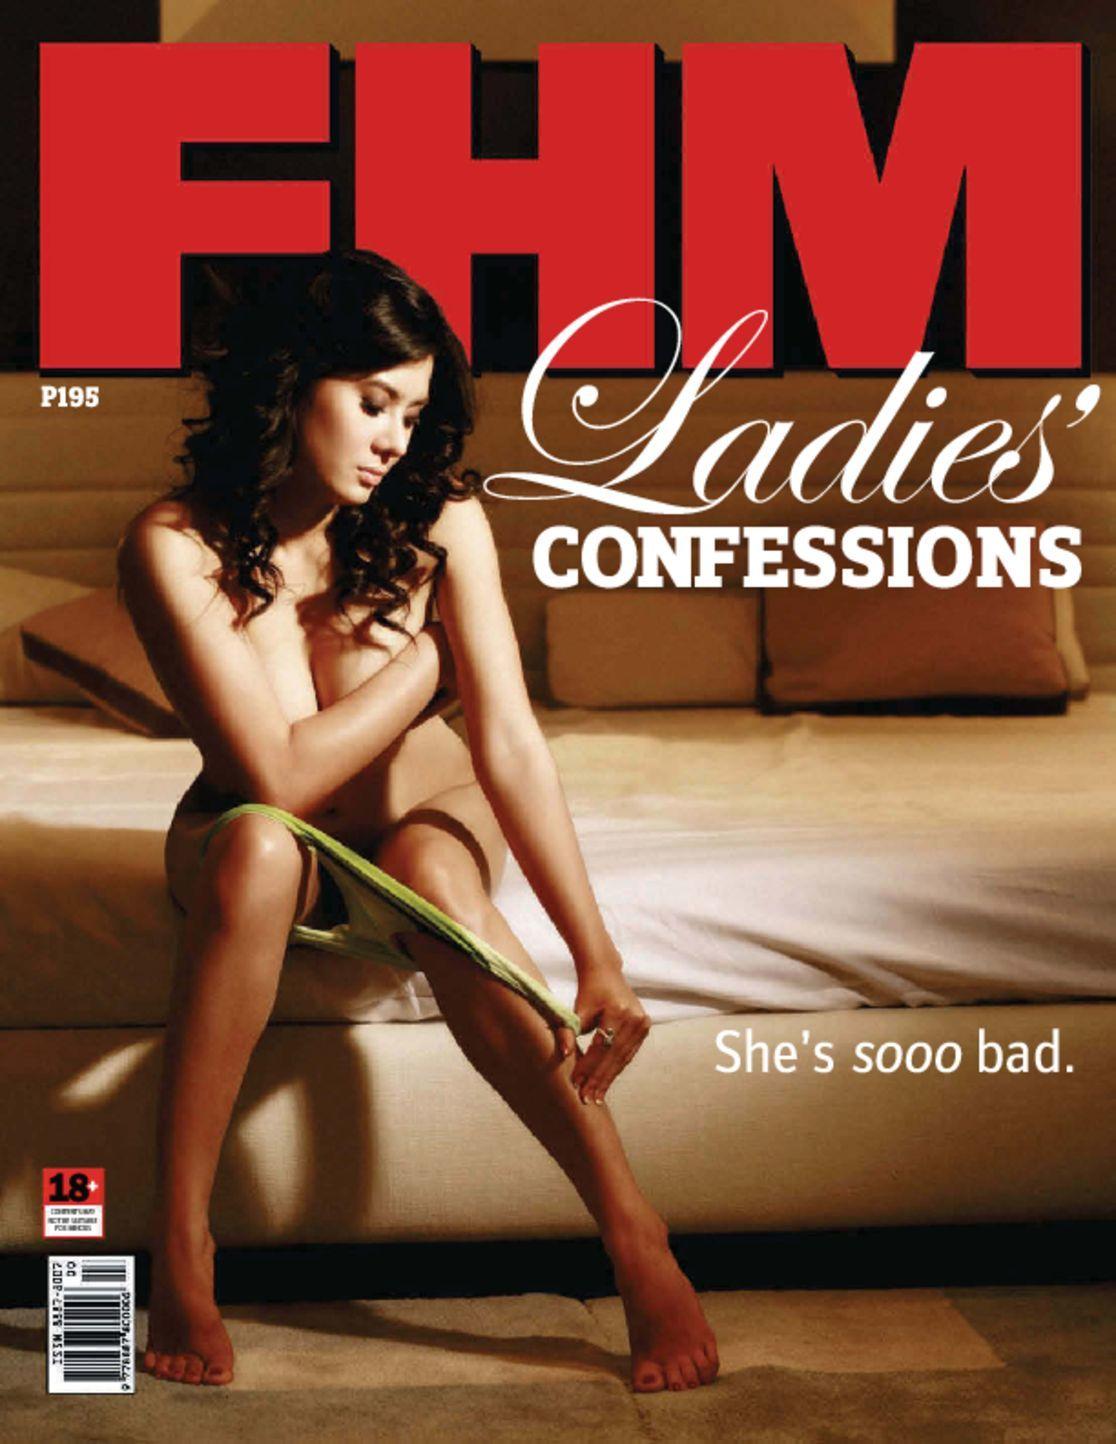 FHM Philippines Erotica Digital